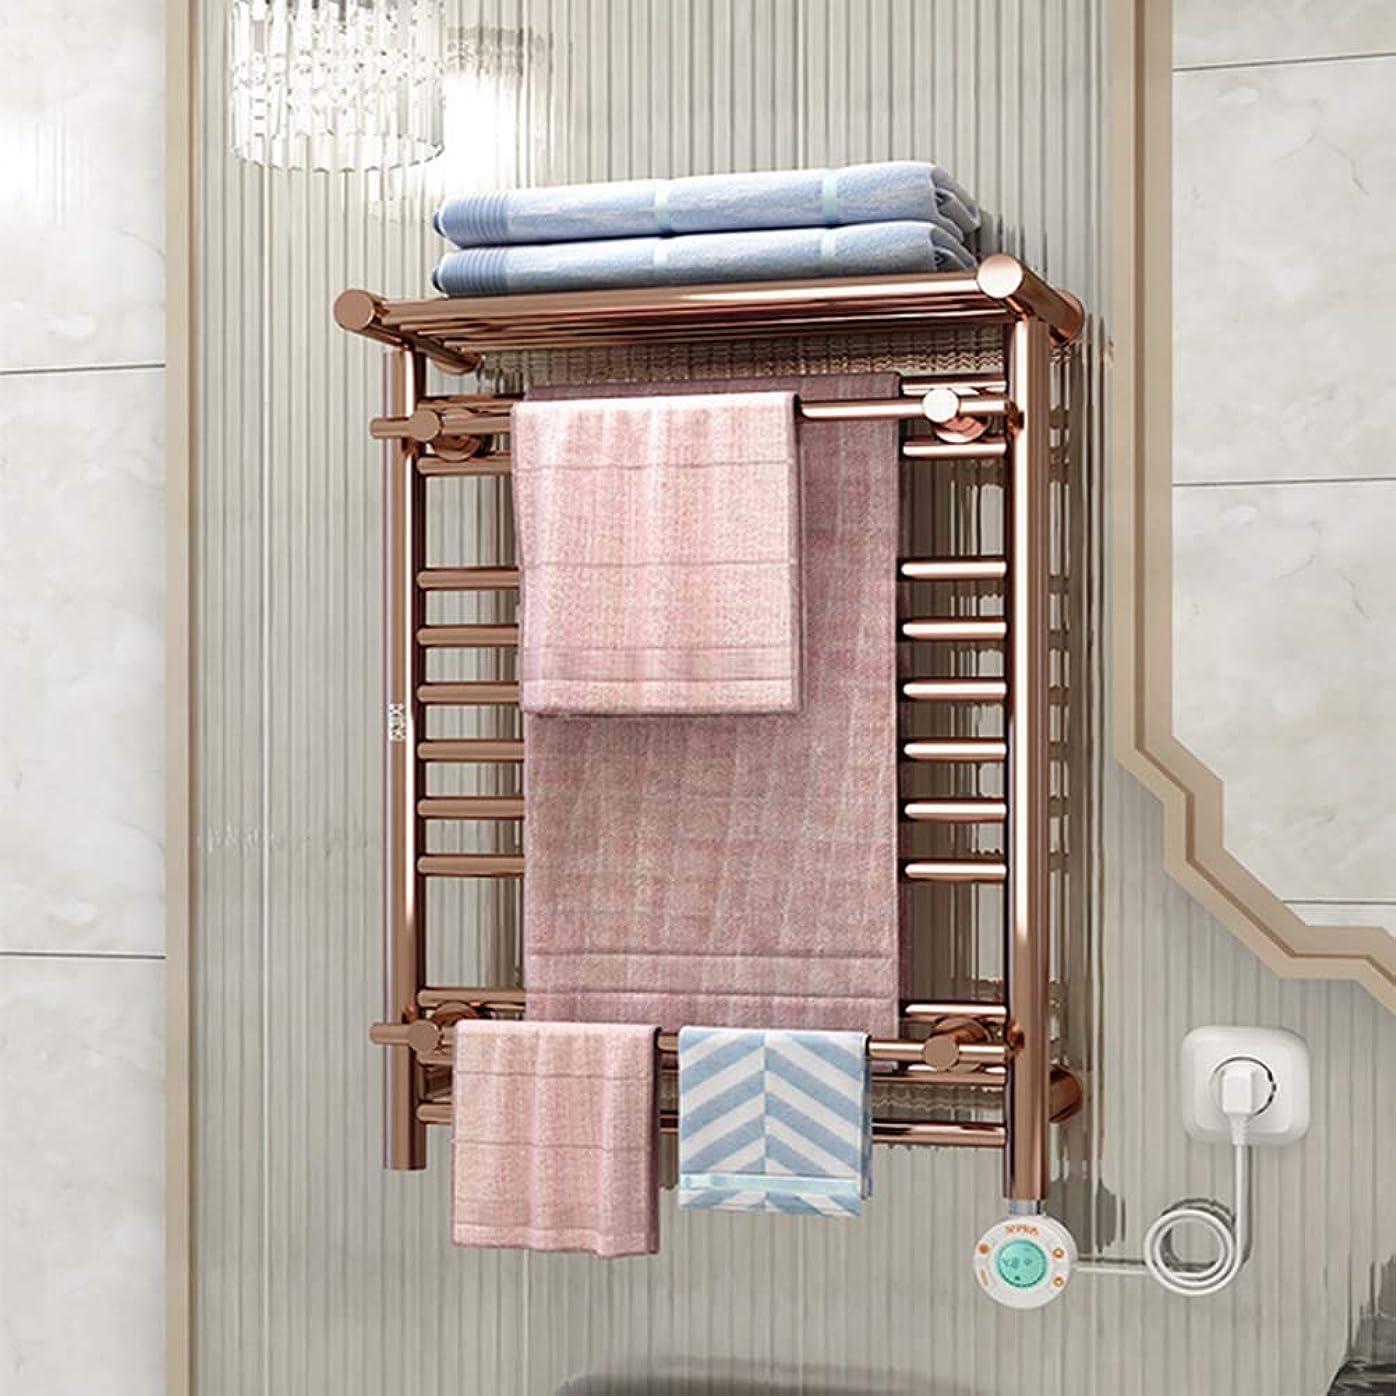 アーサー胚芽潜在的な浴室タオルウォーマー、浴室電気タオルウォーマー用壁掛けステンレス鋼タオルヒーター(26.77 * 19.29インチ/ 250W)加熱タオル